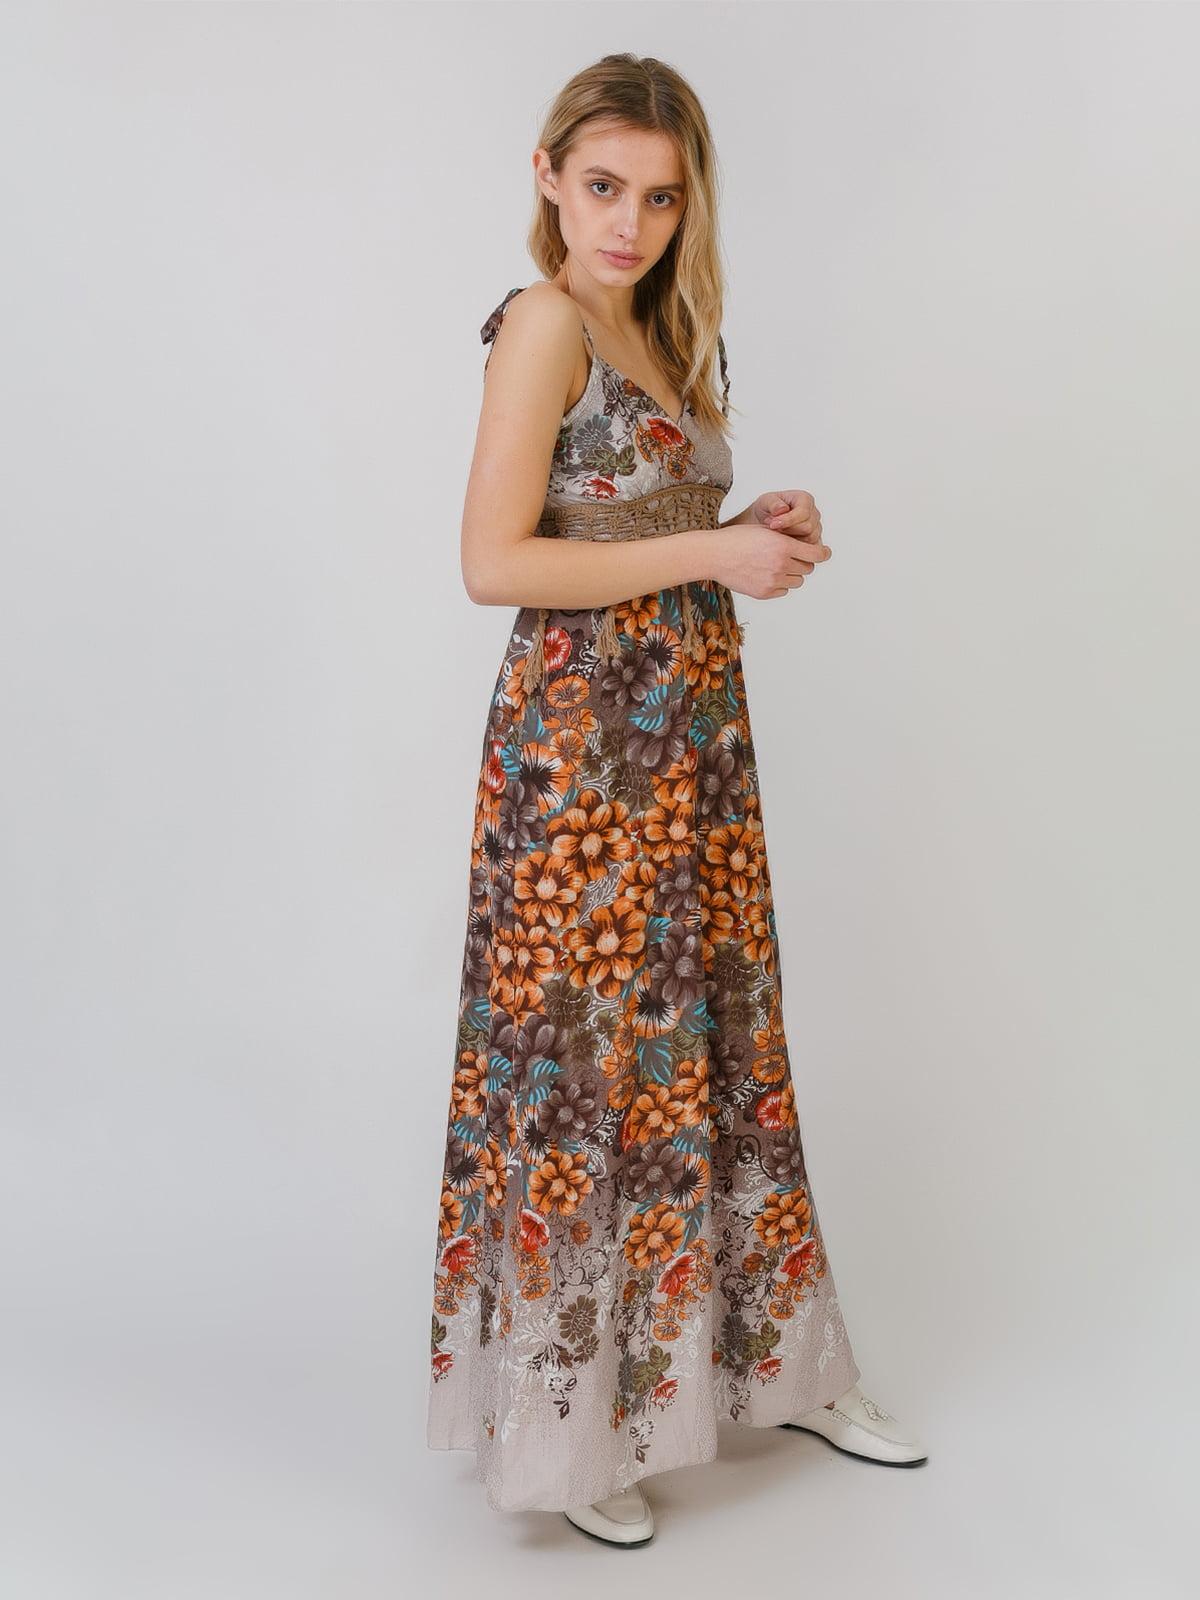 Сарафан коричнево-оранжевый с принтом | 5452116